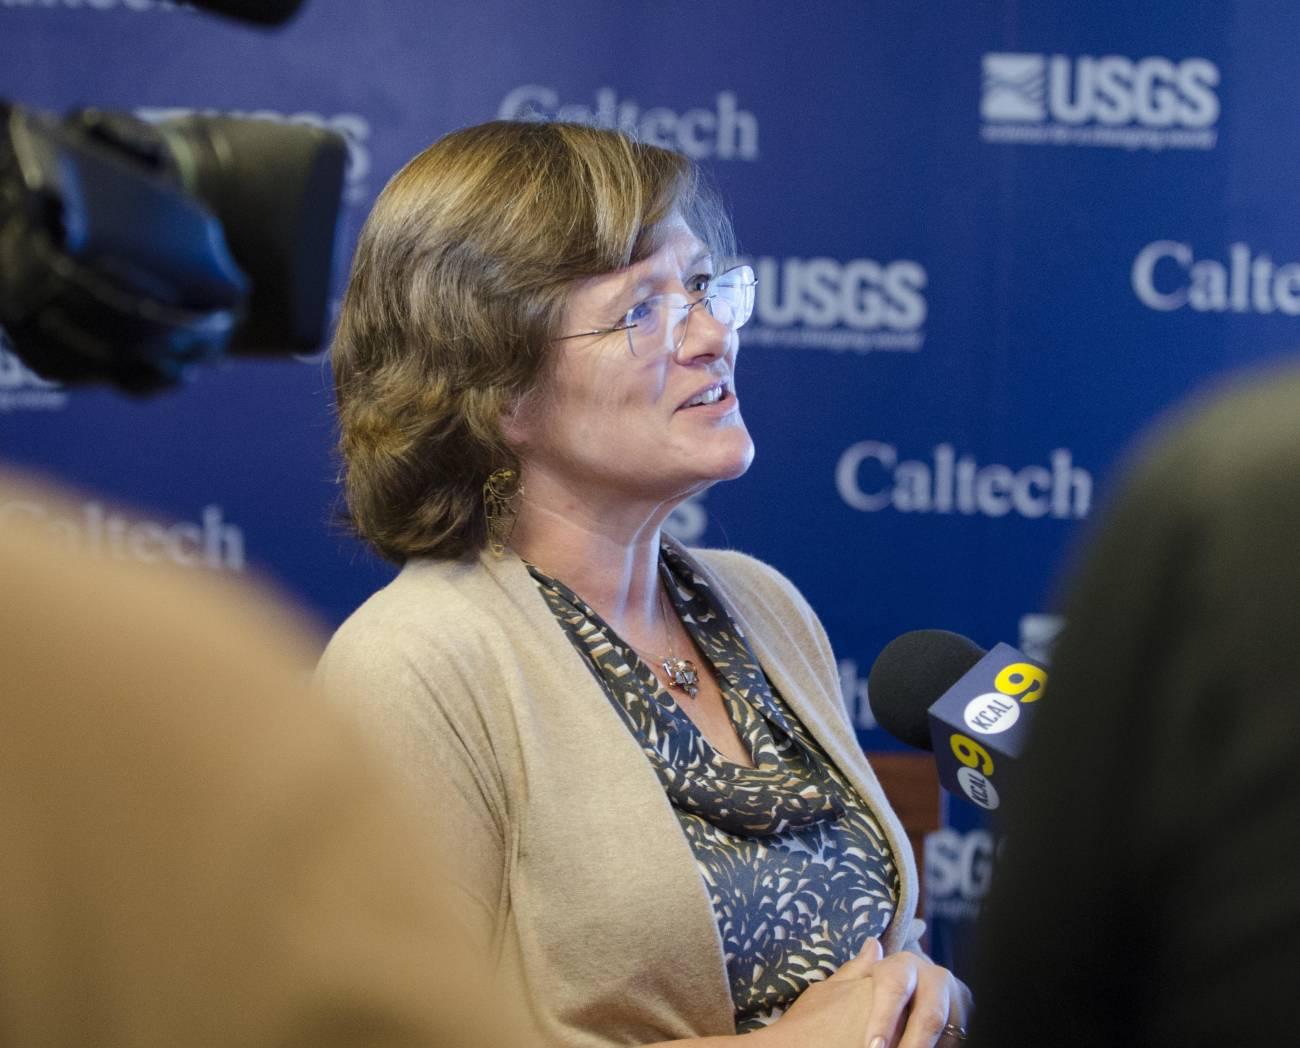 Lucy Jones atendiendo a los medios tras un terremoto en Los Ángeles (EE UU). / Foto cedida por la autora